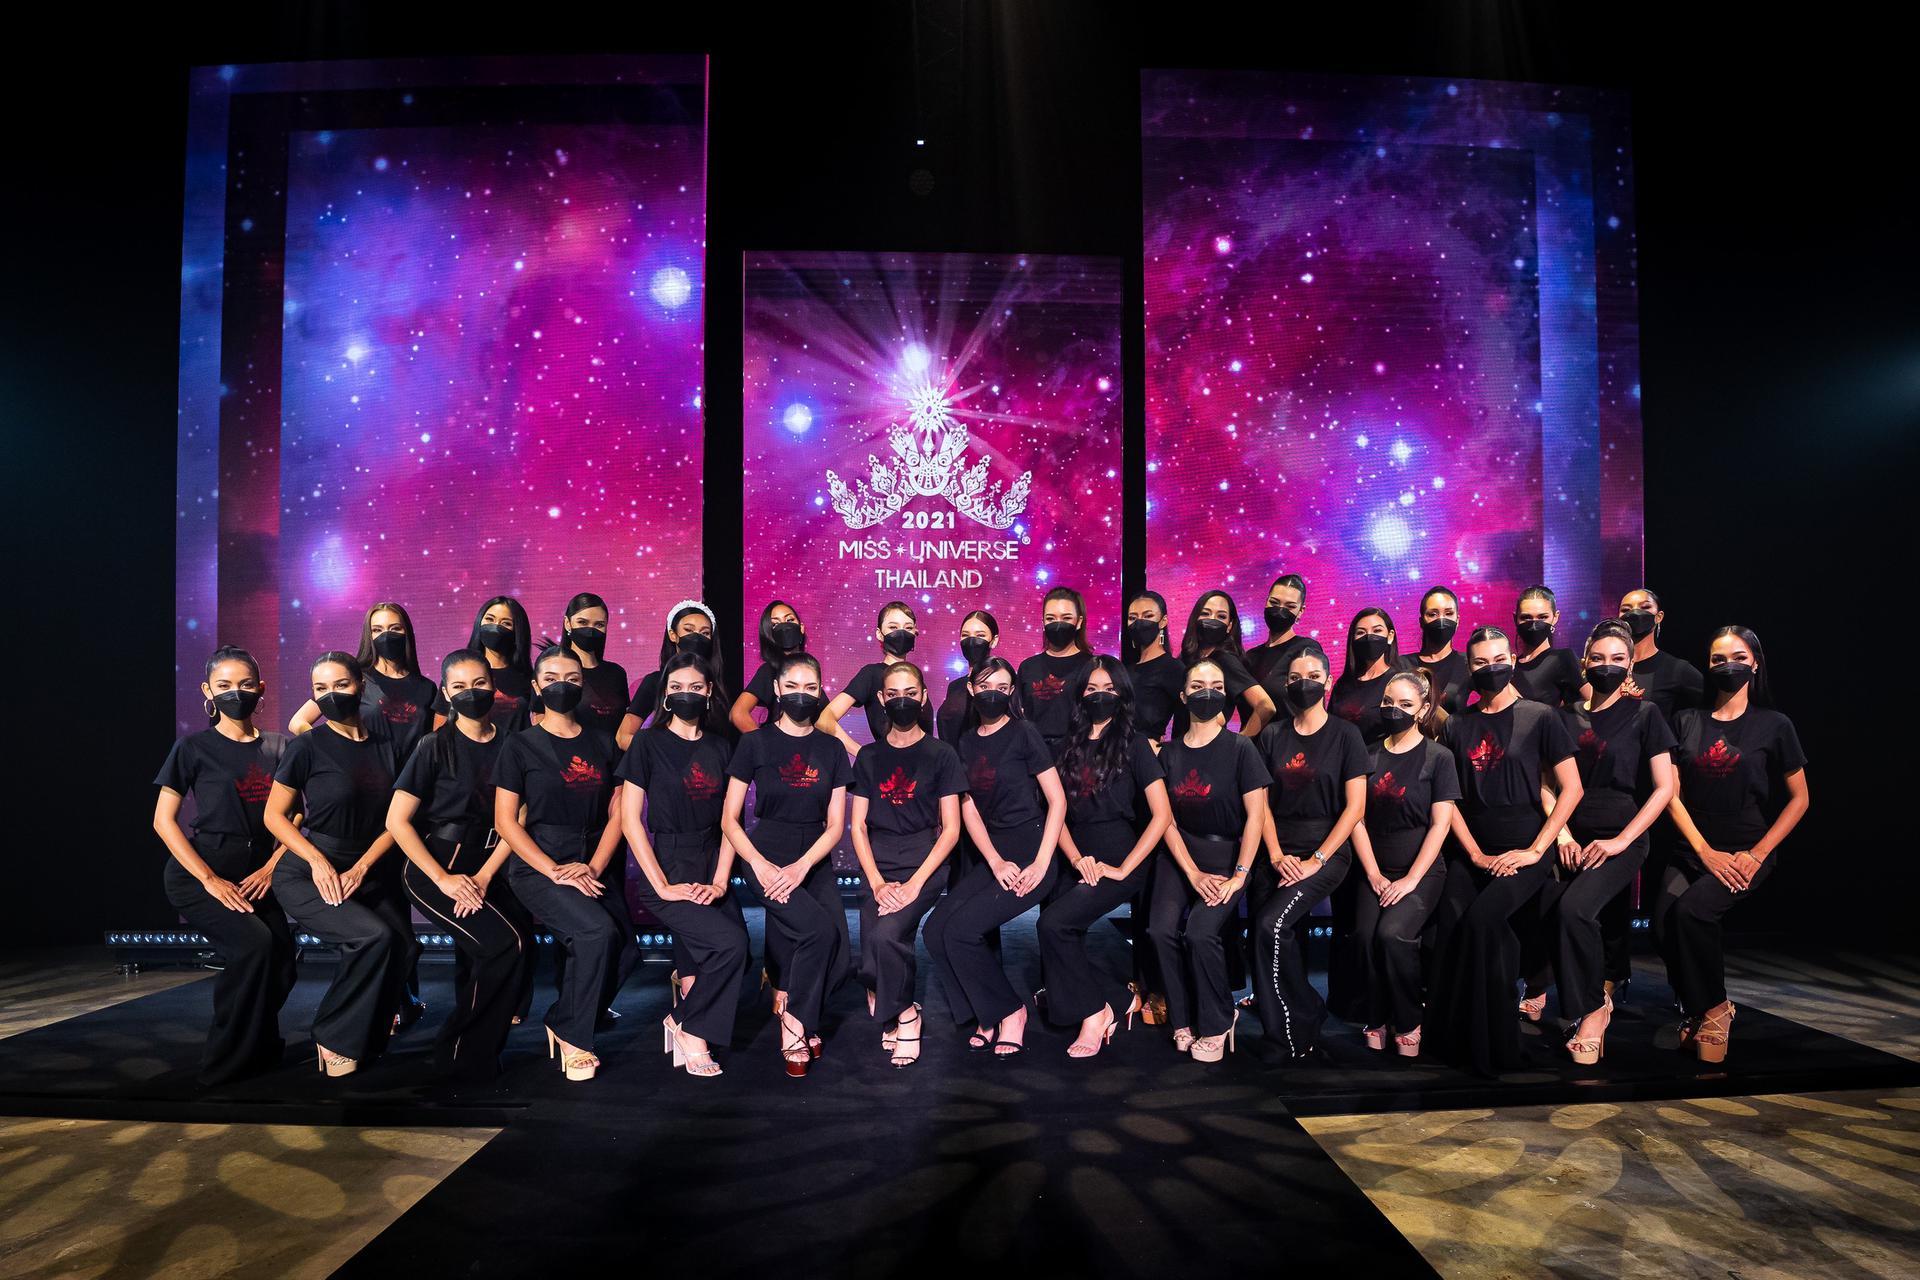 คัดแล้ว 30 คน สุดท้าย เวทีมิสยูนิเวิร์สไทยแลนด์ 2021